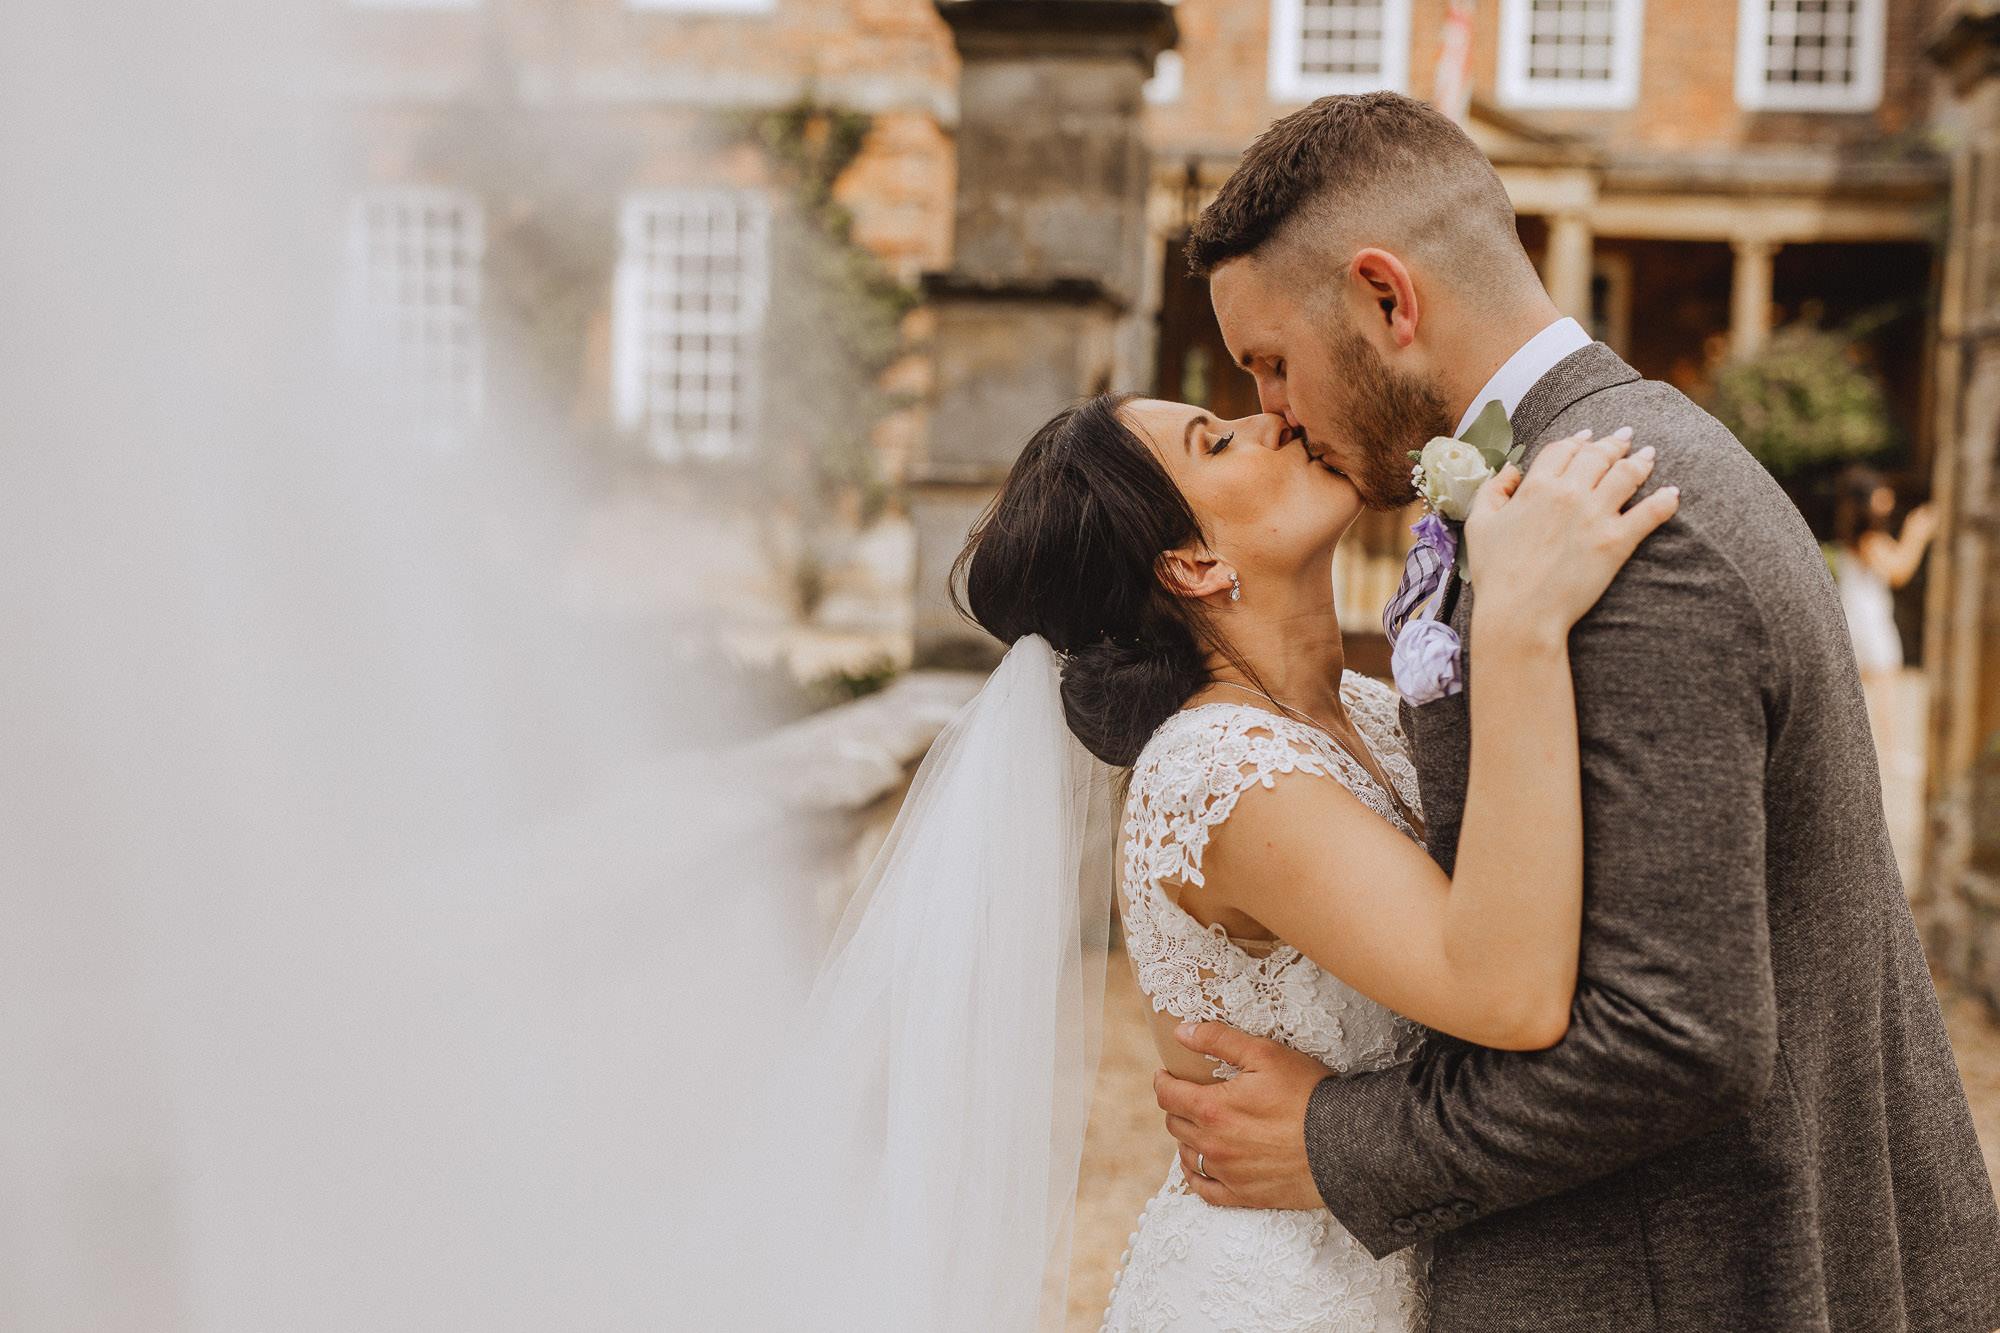 Groombridge-place-wedding-photography-67.jpg